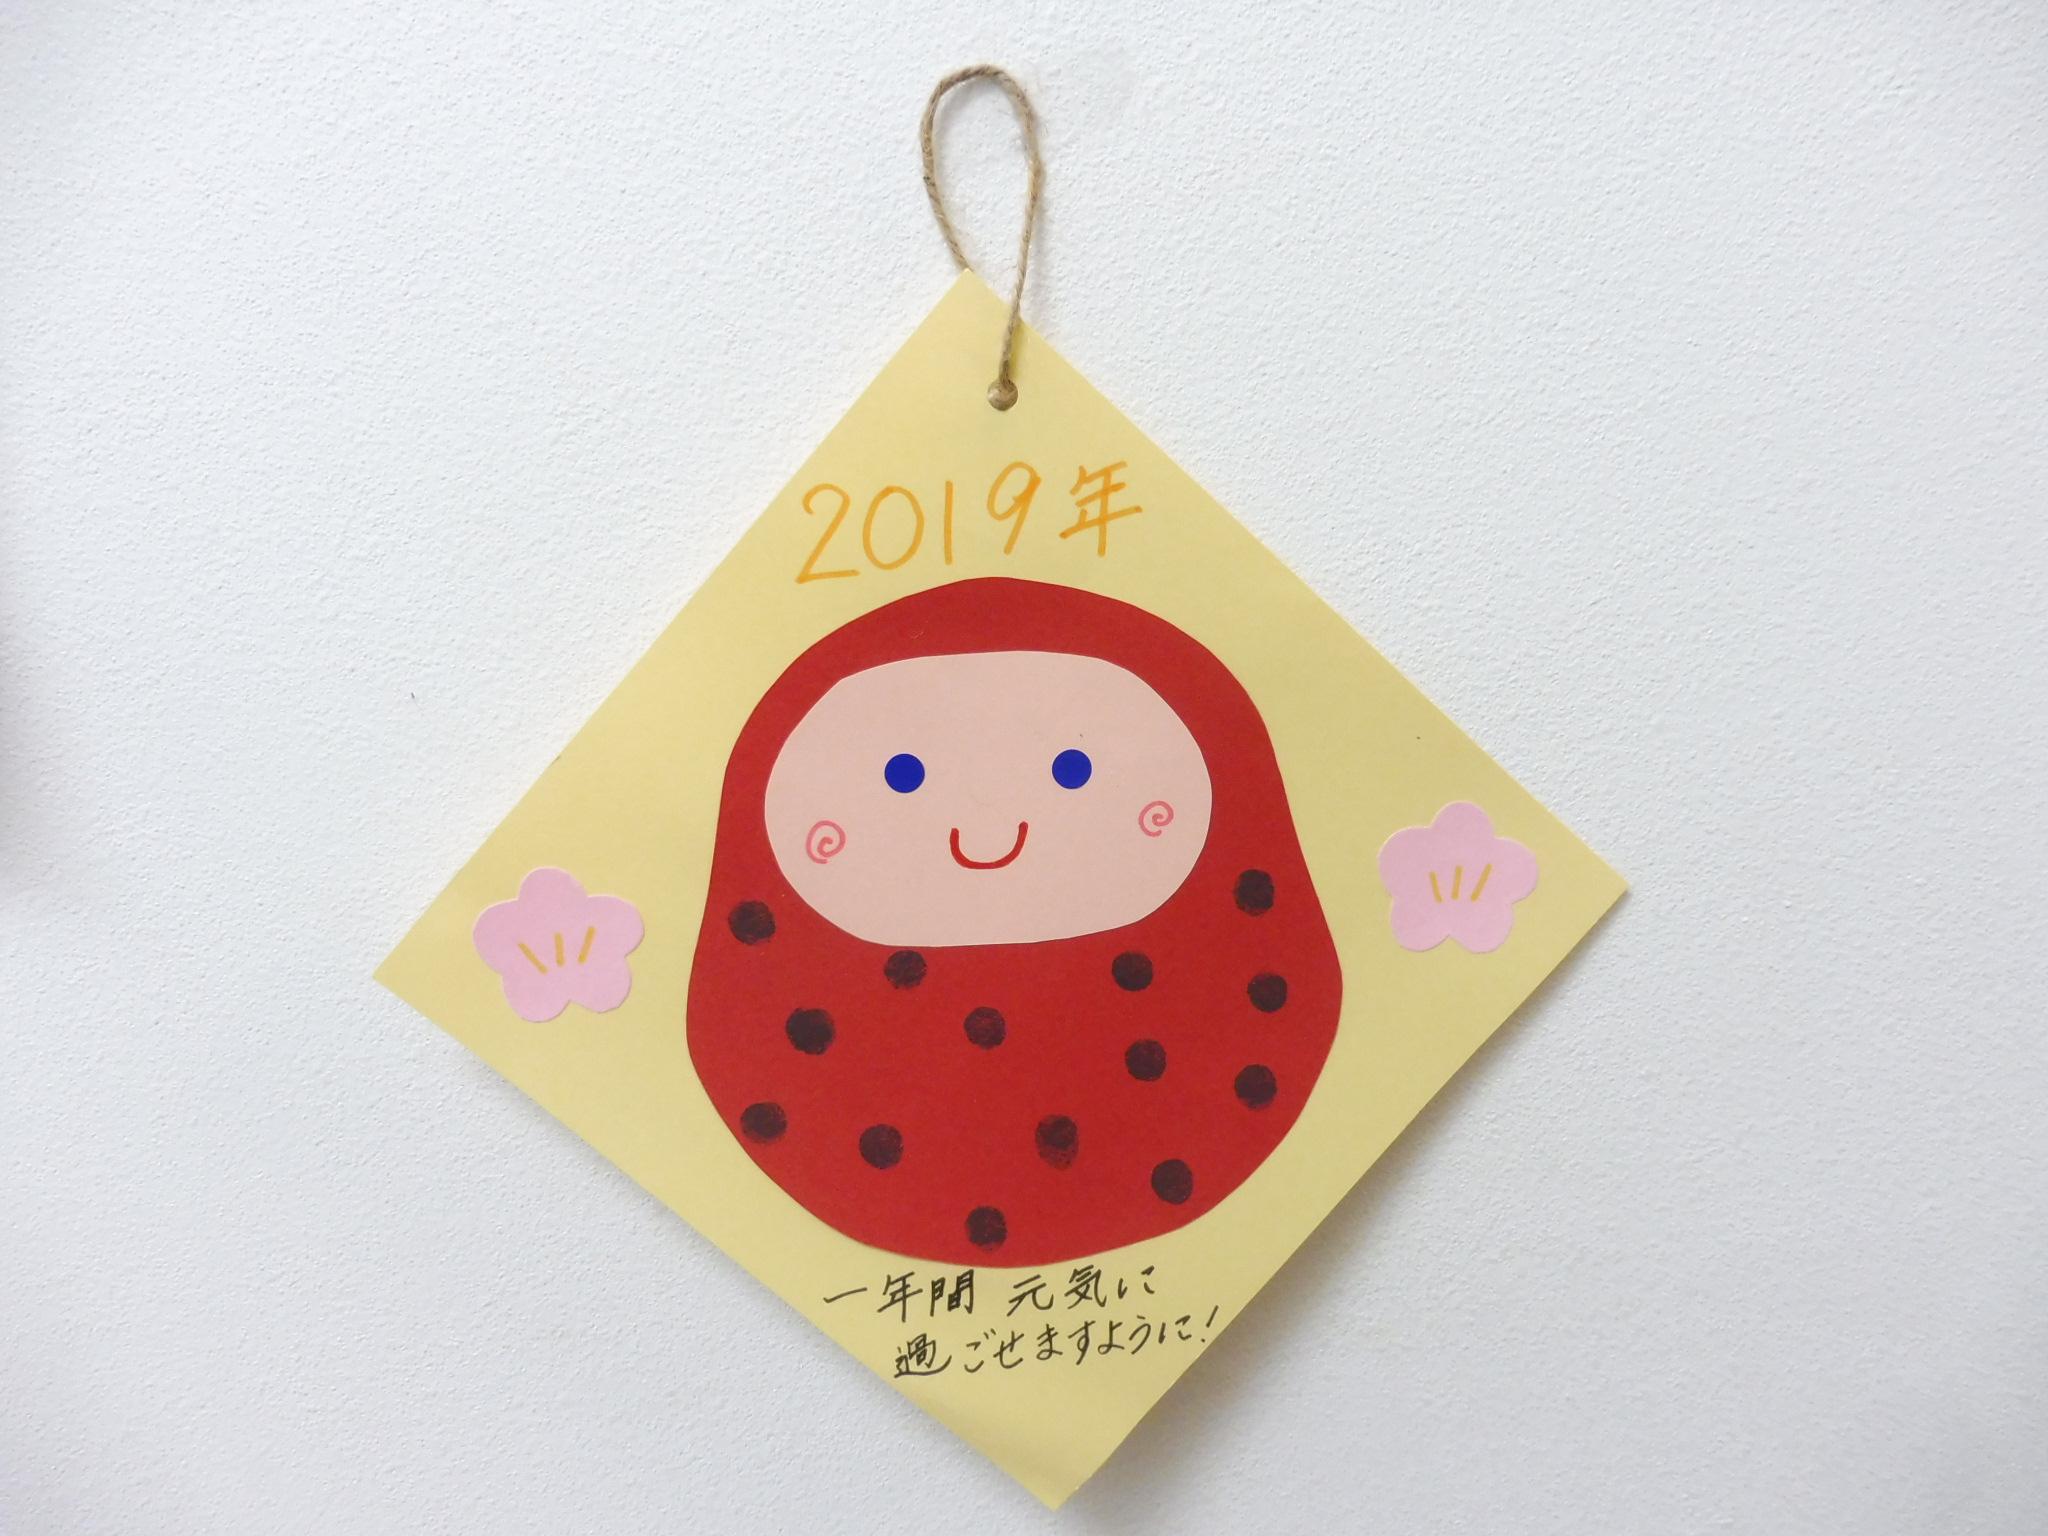 1月3日の赤ちゃんの日のイベントの様子